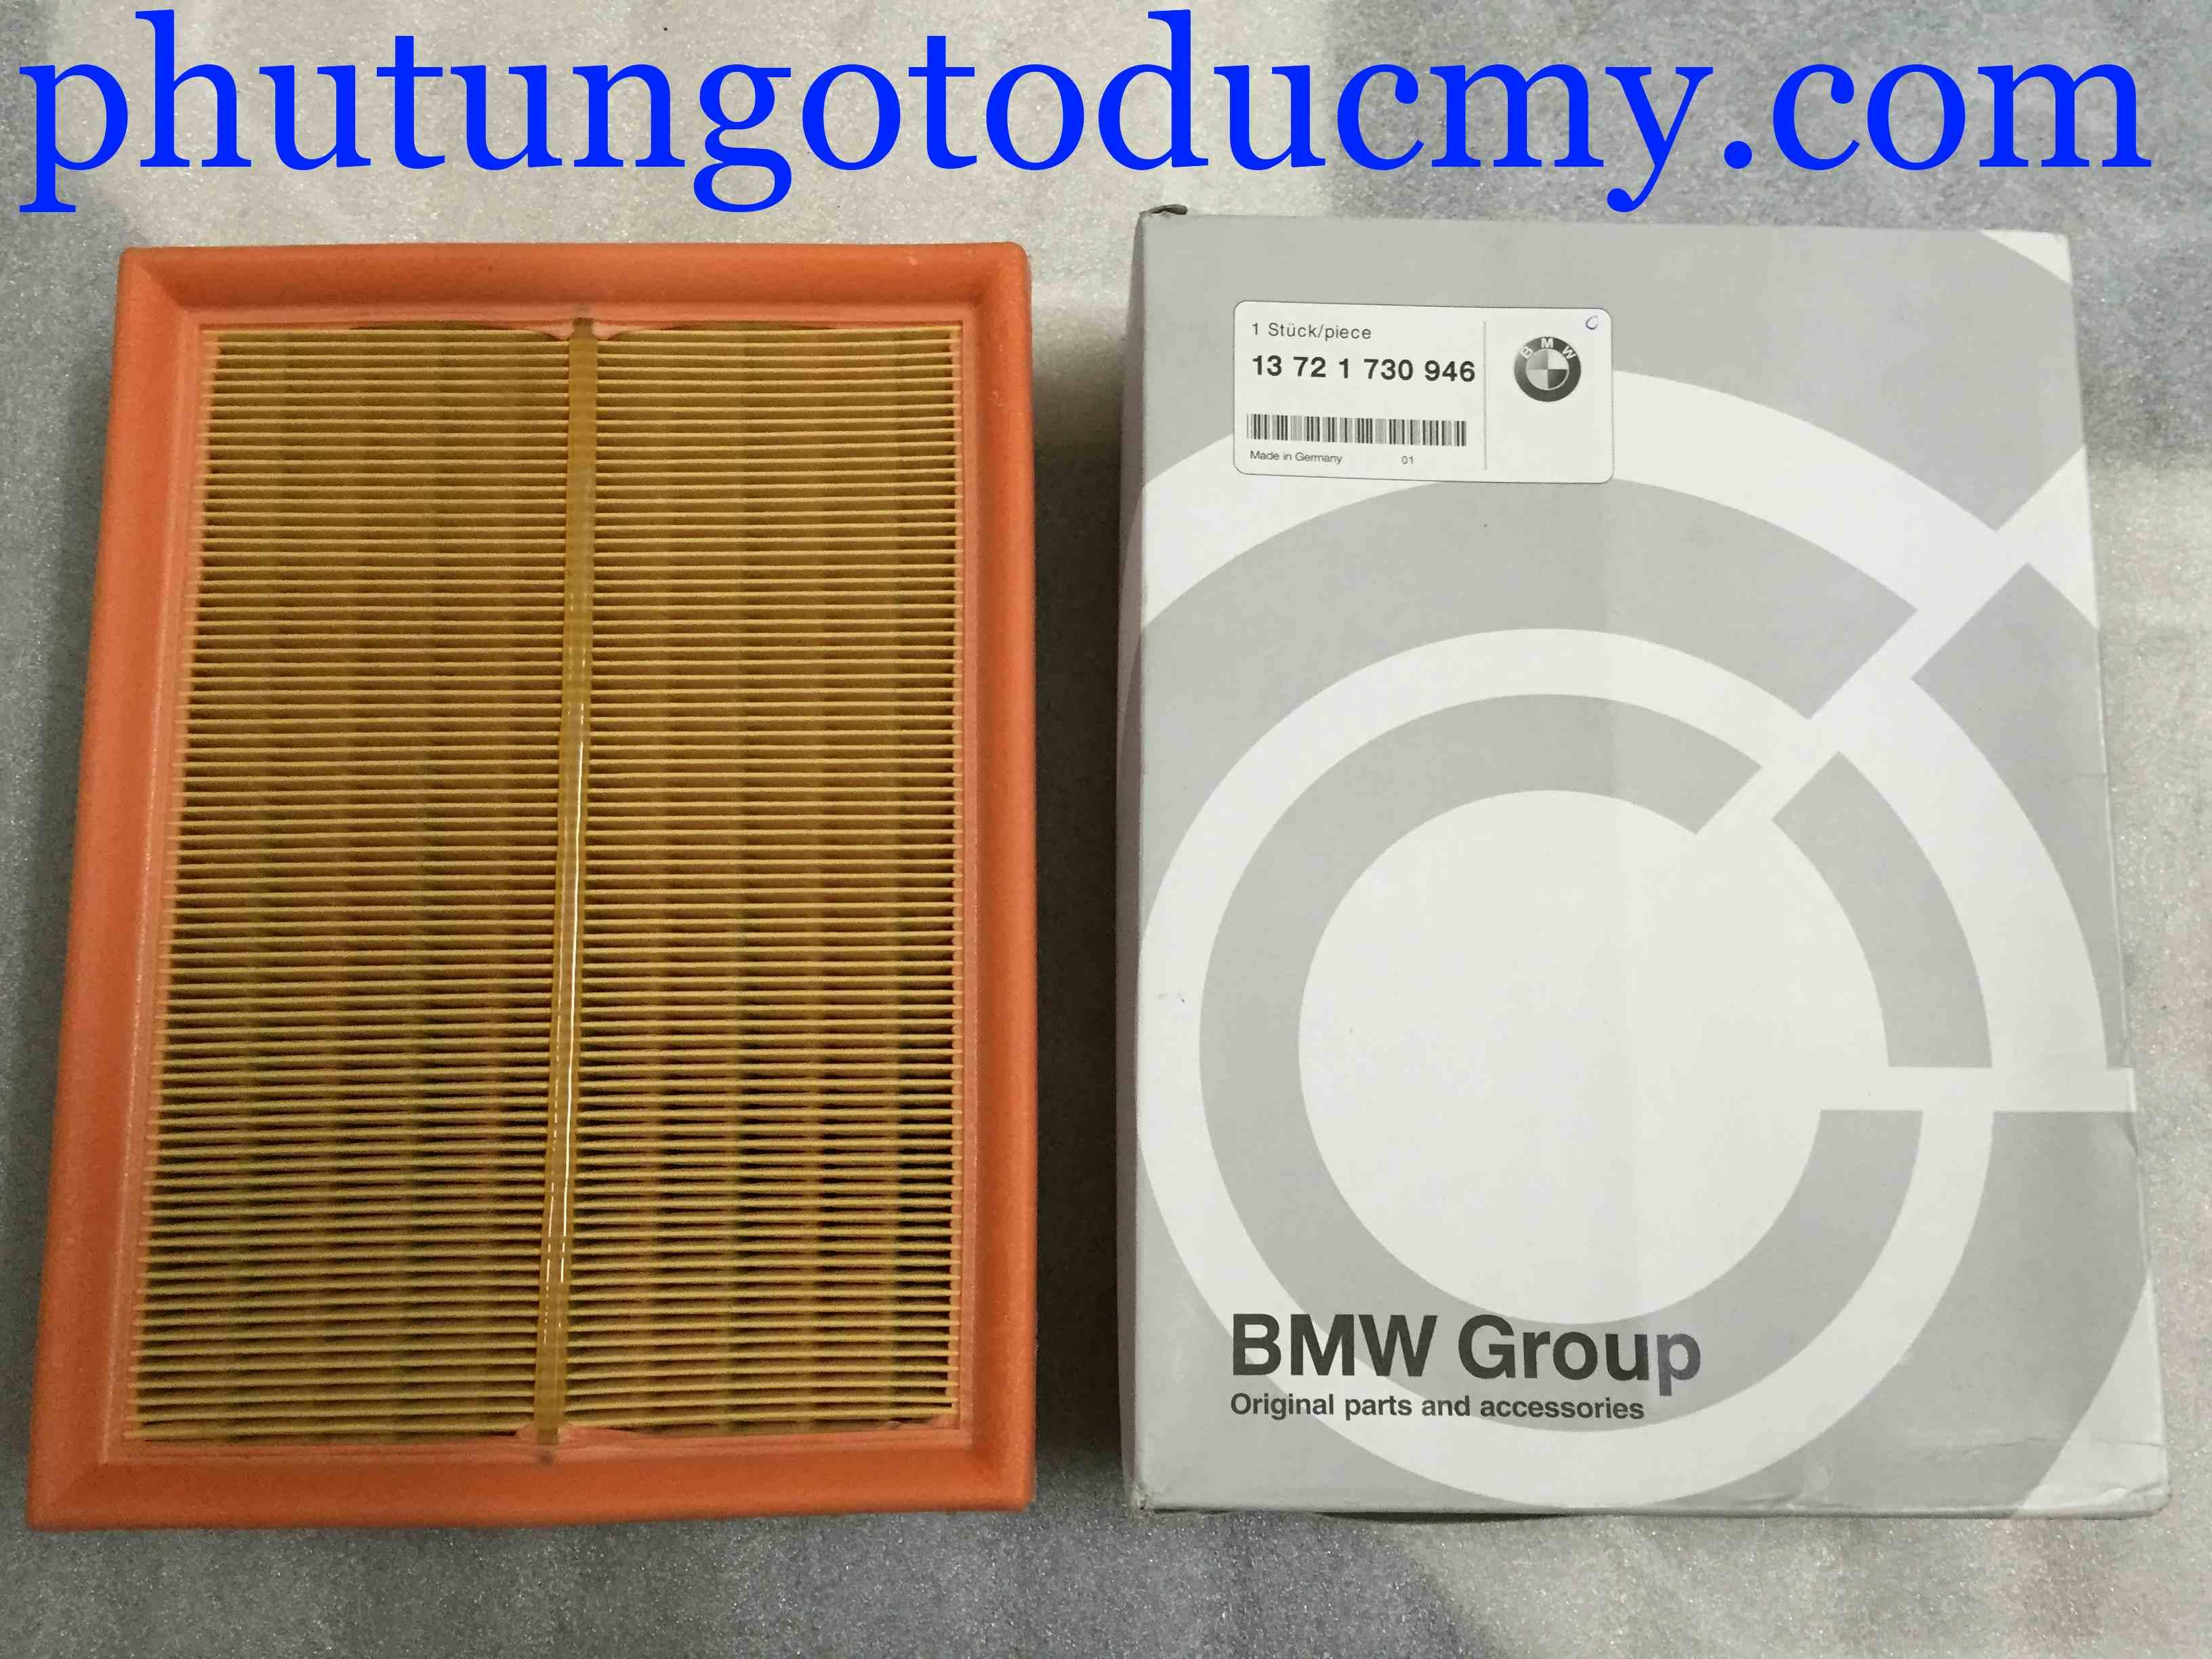 Lọc gió động cơ BMW 325i E46, 320i E36, X5 E53, X3- 13721730946